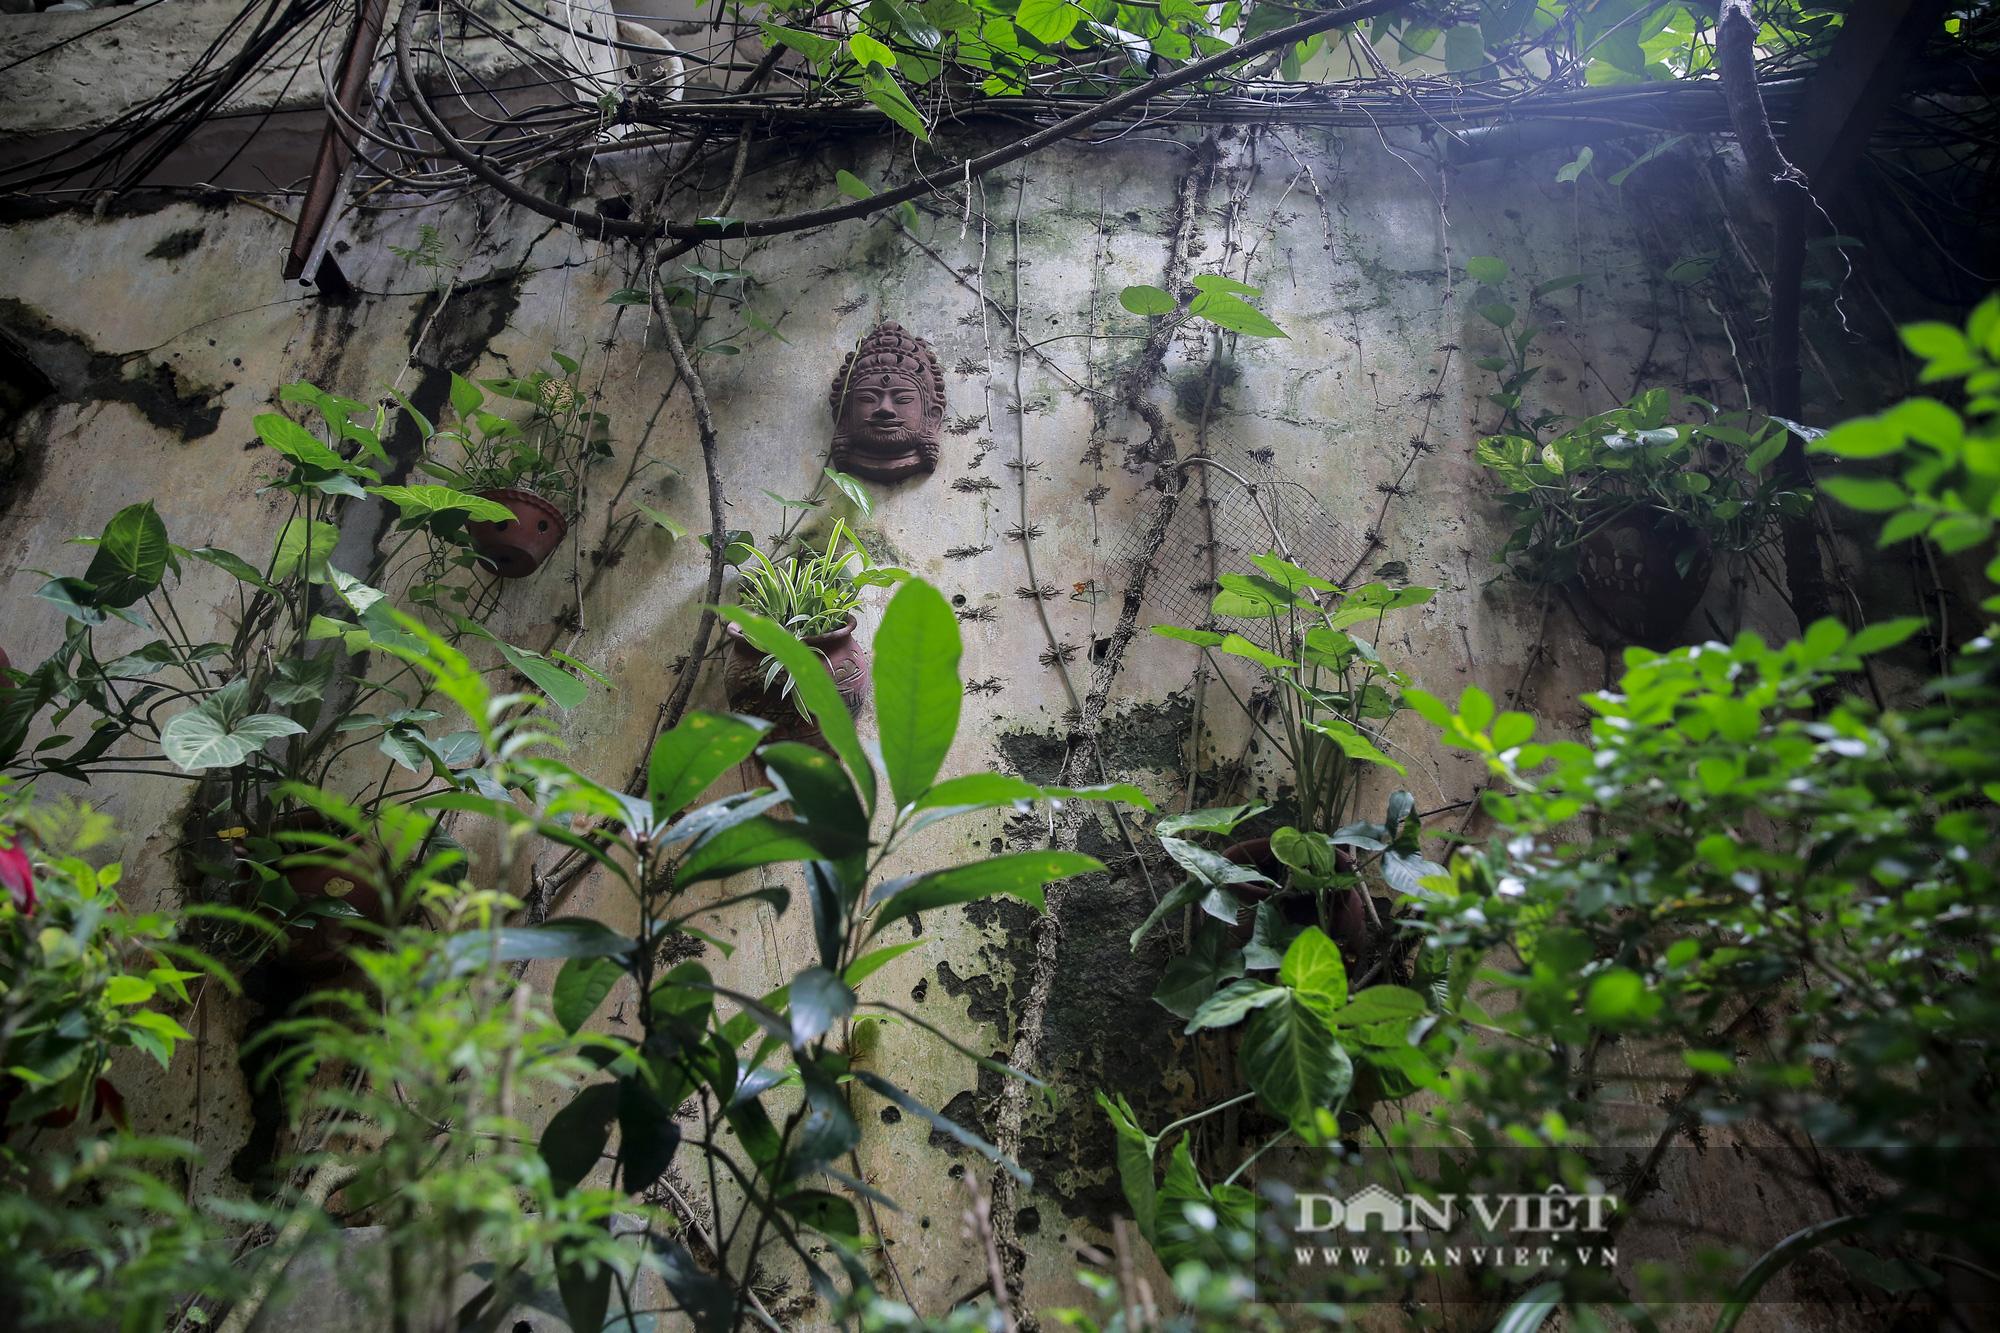 Khám phá ngôi nhà vườn xuyên phố duy nhất ở phố cổ Hà Nội - Ảnh 4.